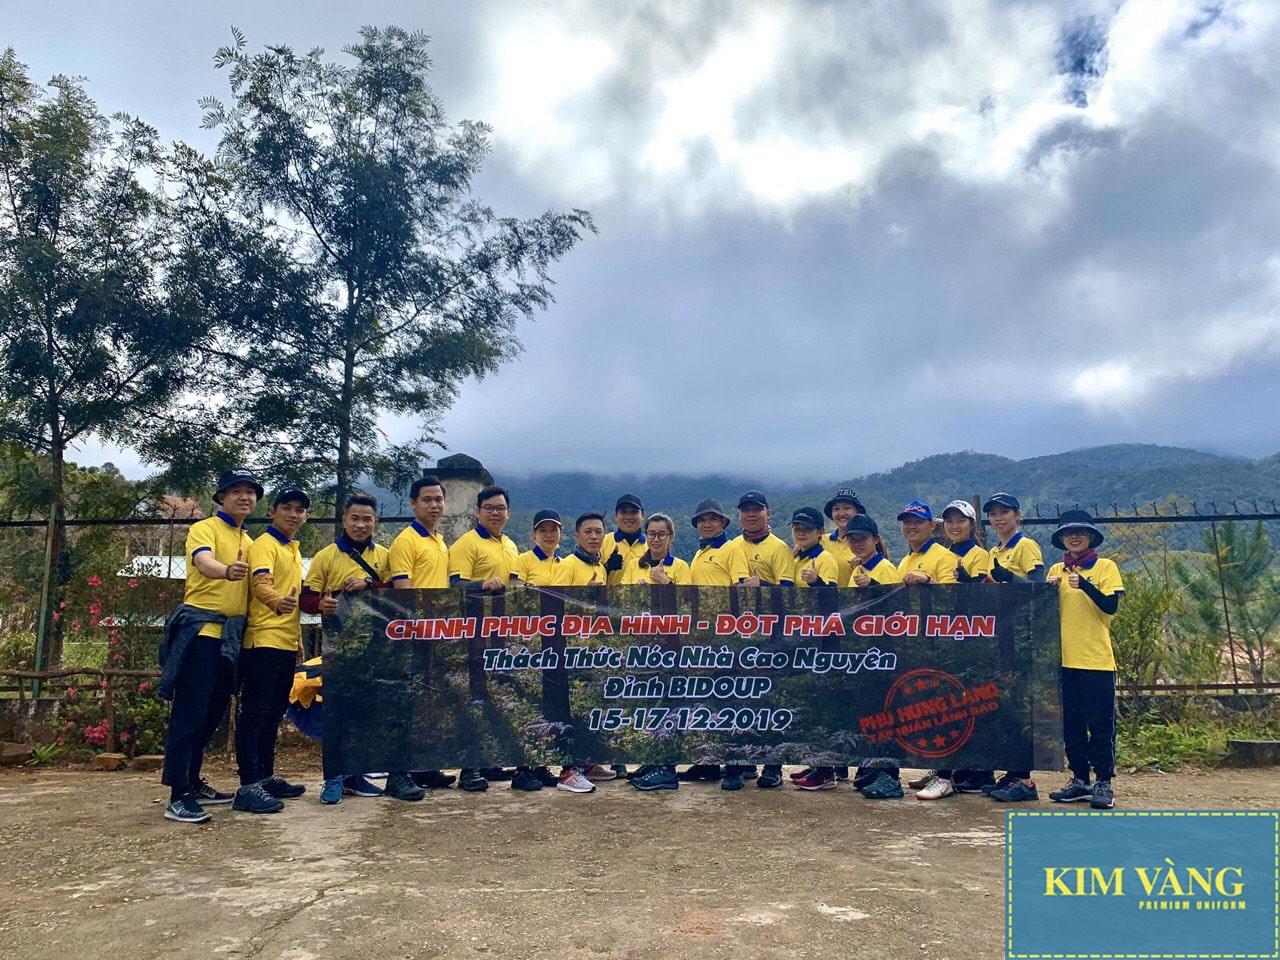 May Áo Thun Quận Tân Phú Uy Tín Và Giá Thành Rẻ